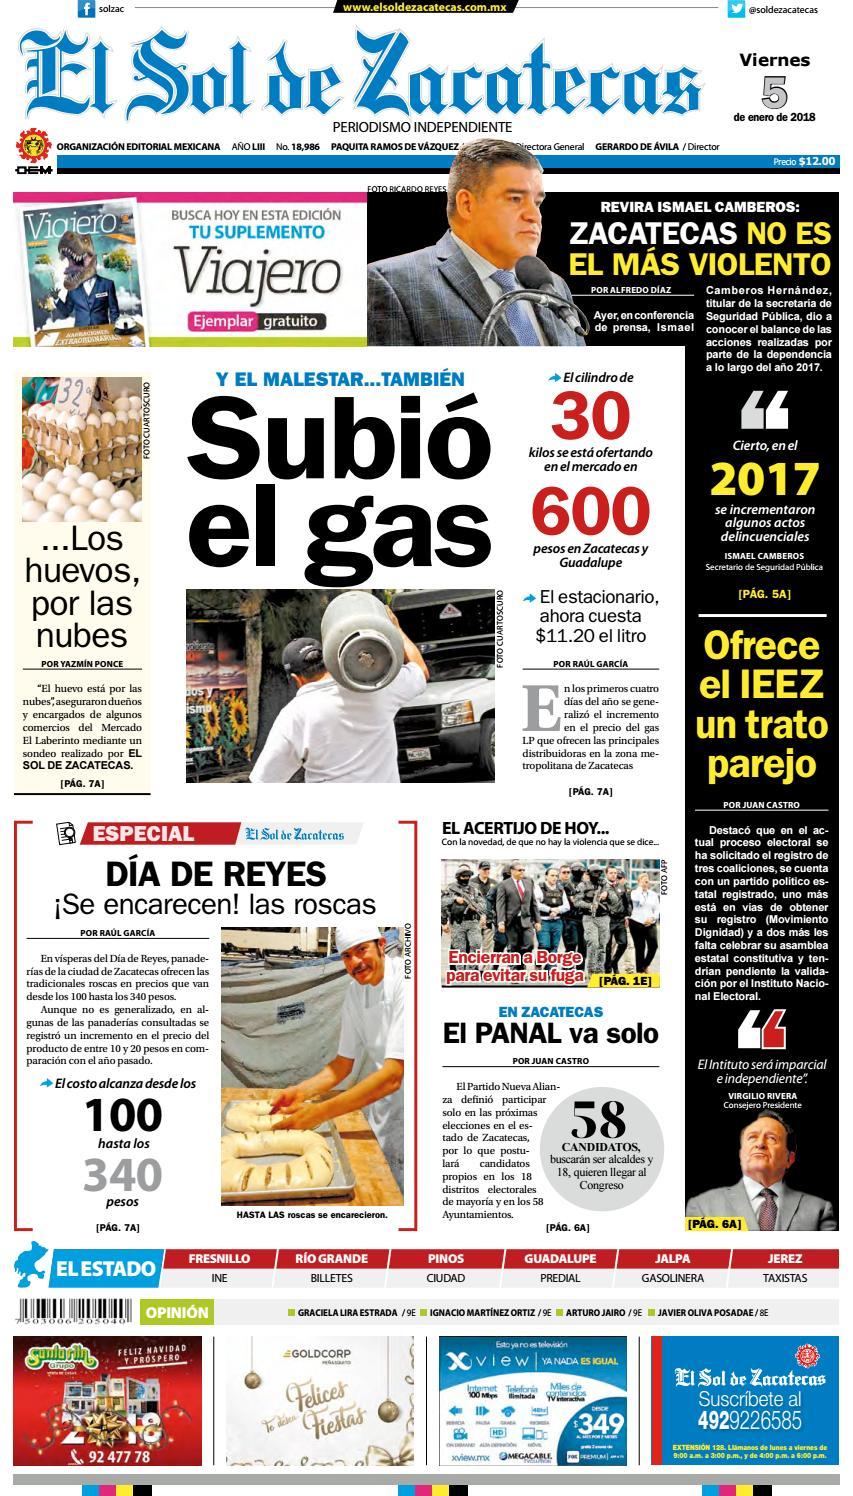 2aec09e99 El Sol de Zacatecas 5 de enero 2018 by El Sol de Zacatecas - issuu